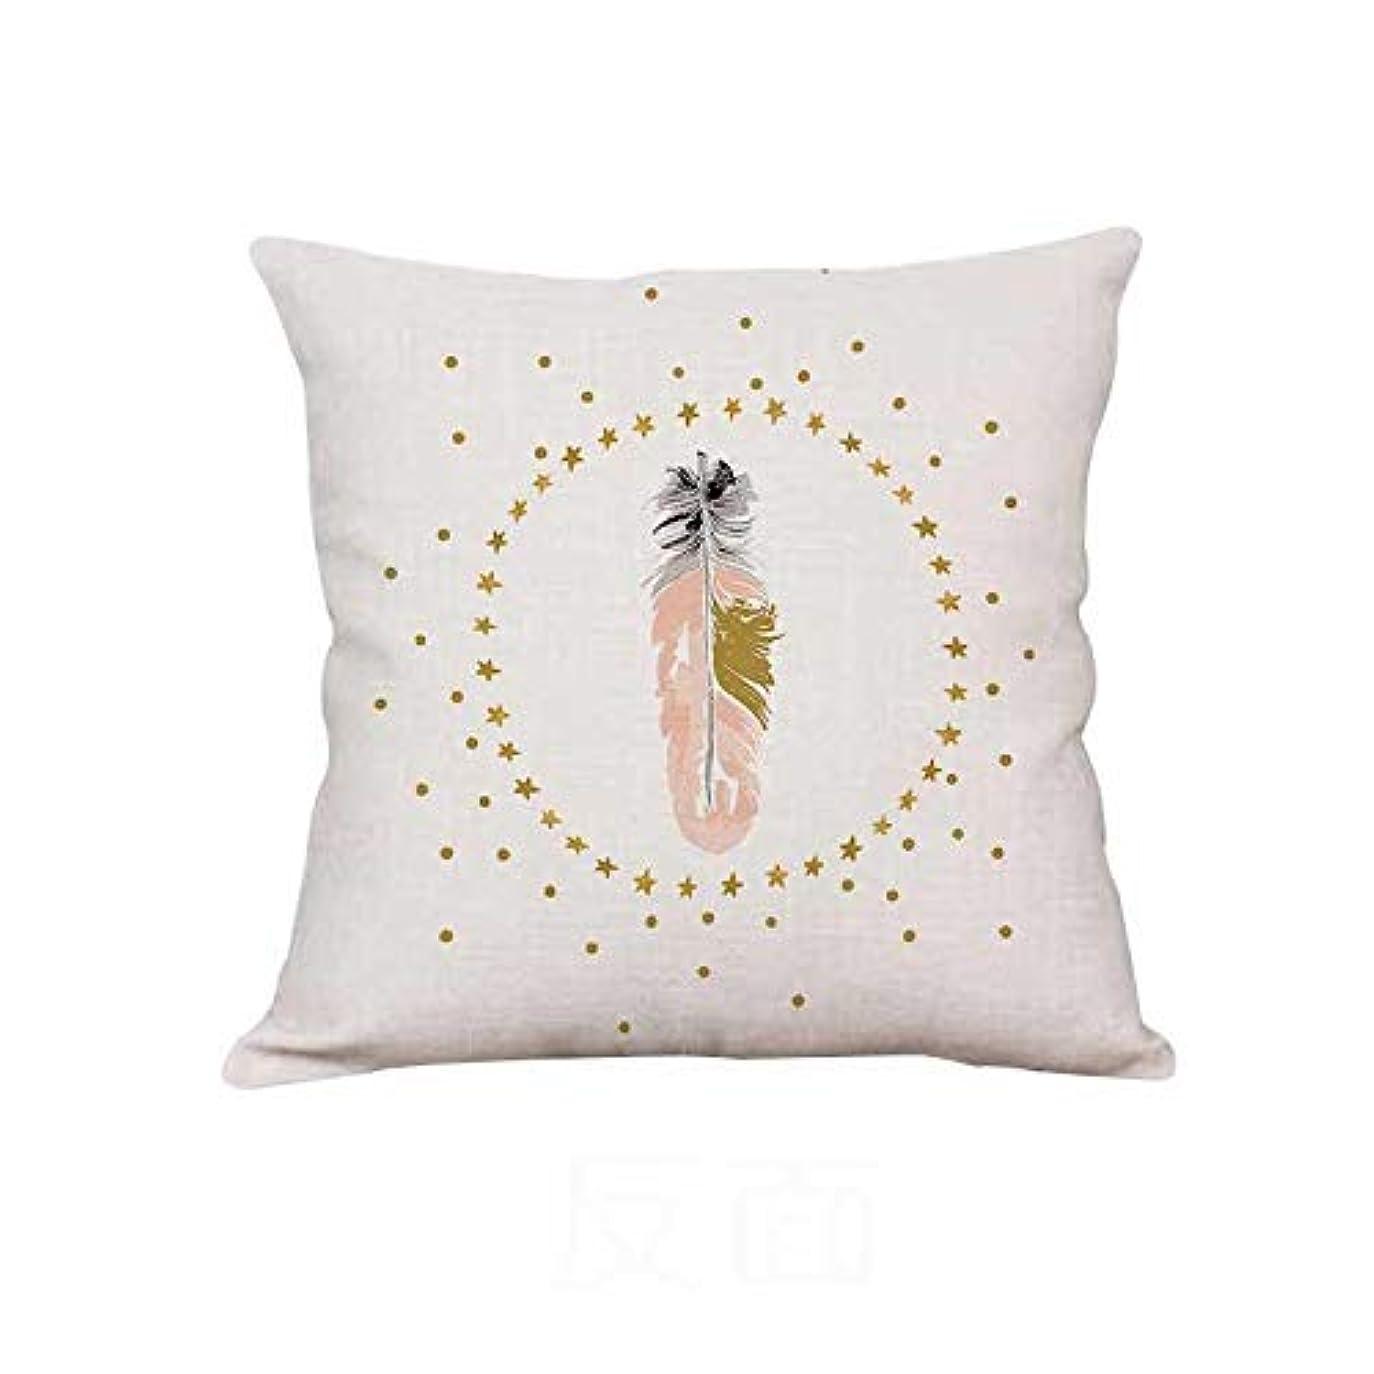 インディカパノラマの間にLIFE 新しいぬいぐるみピンクフラミンゴクッションガチョウの羽風船幾何北欧家の装飾ソファスロー枕用女の子ルーム装飾 クッション 椅子